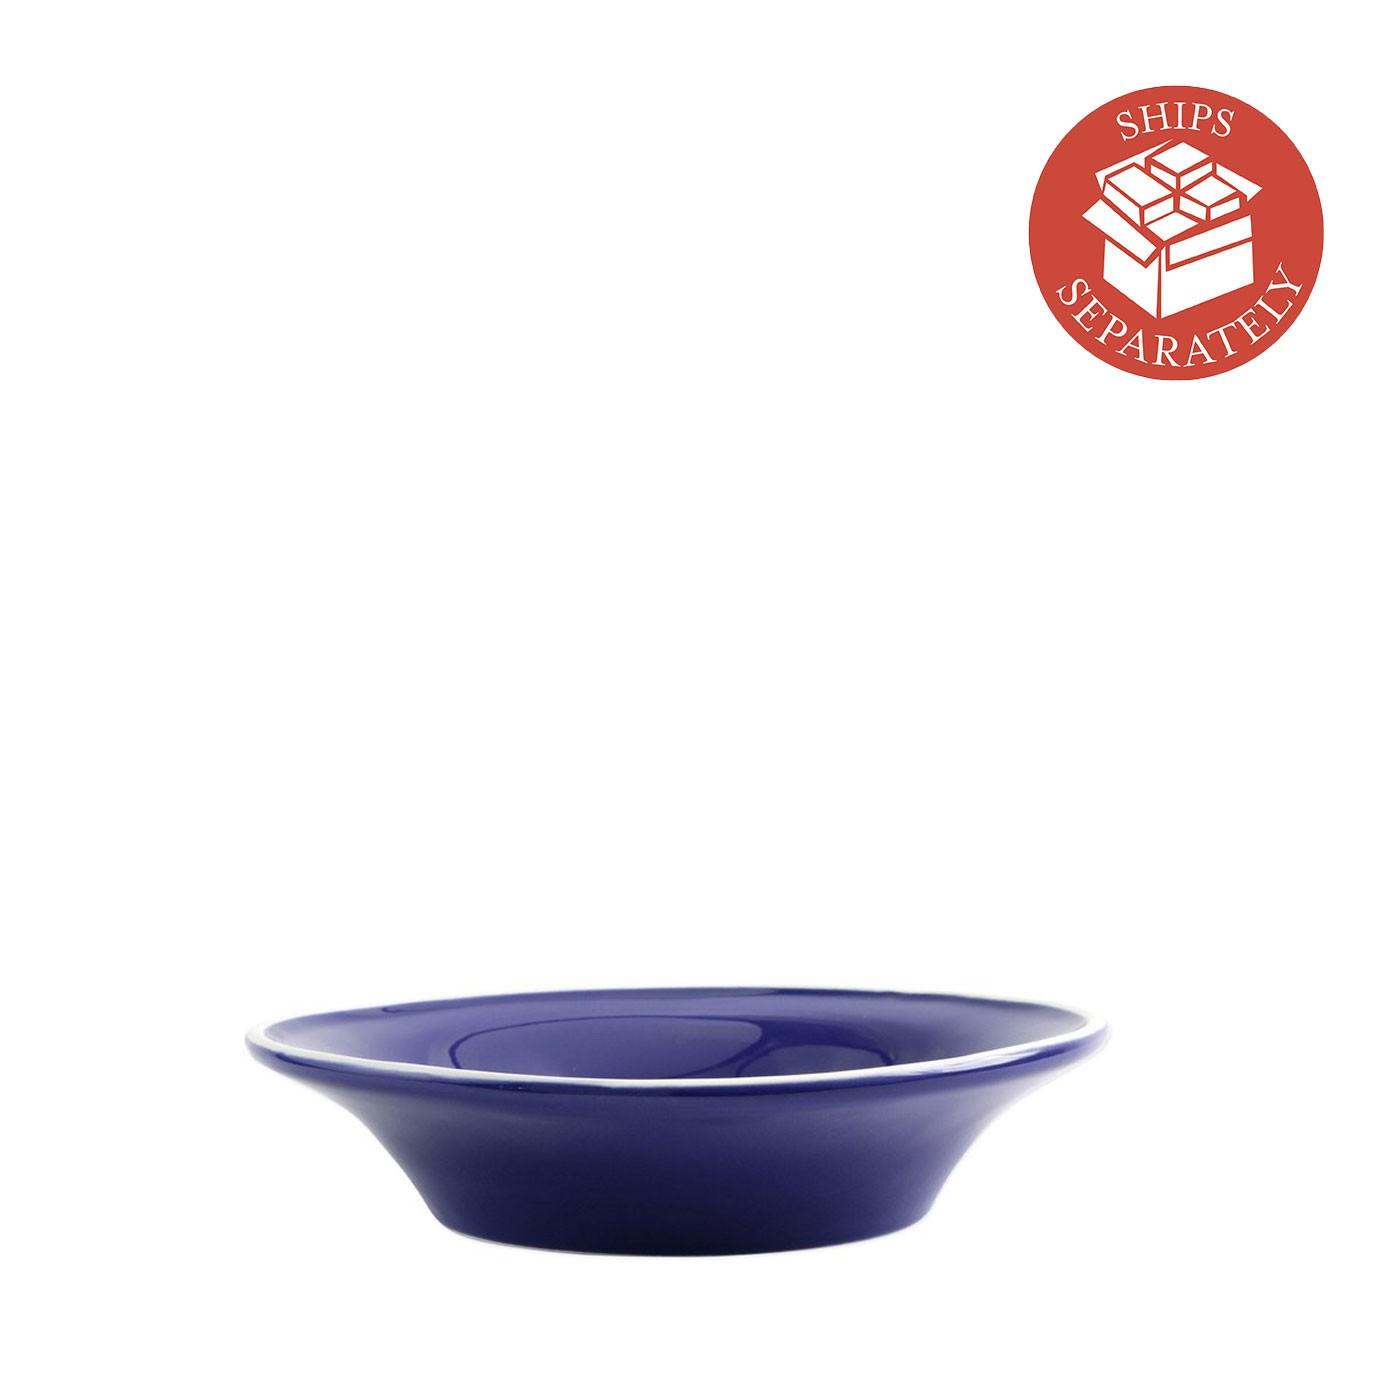 Chroma Blue Pasta Bowl - Vietri   Eataly.com